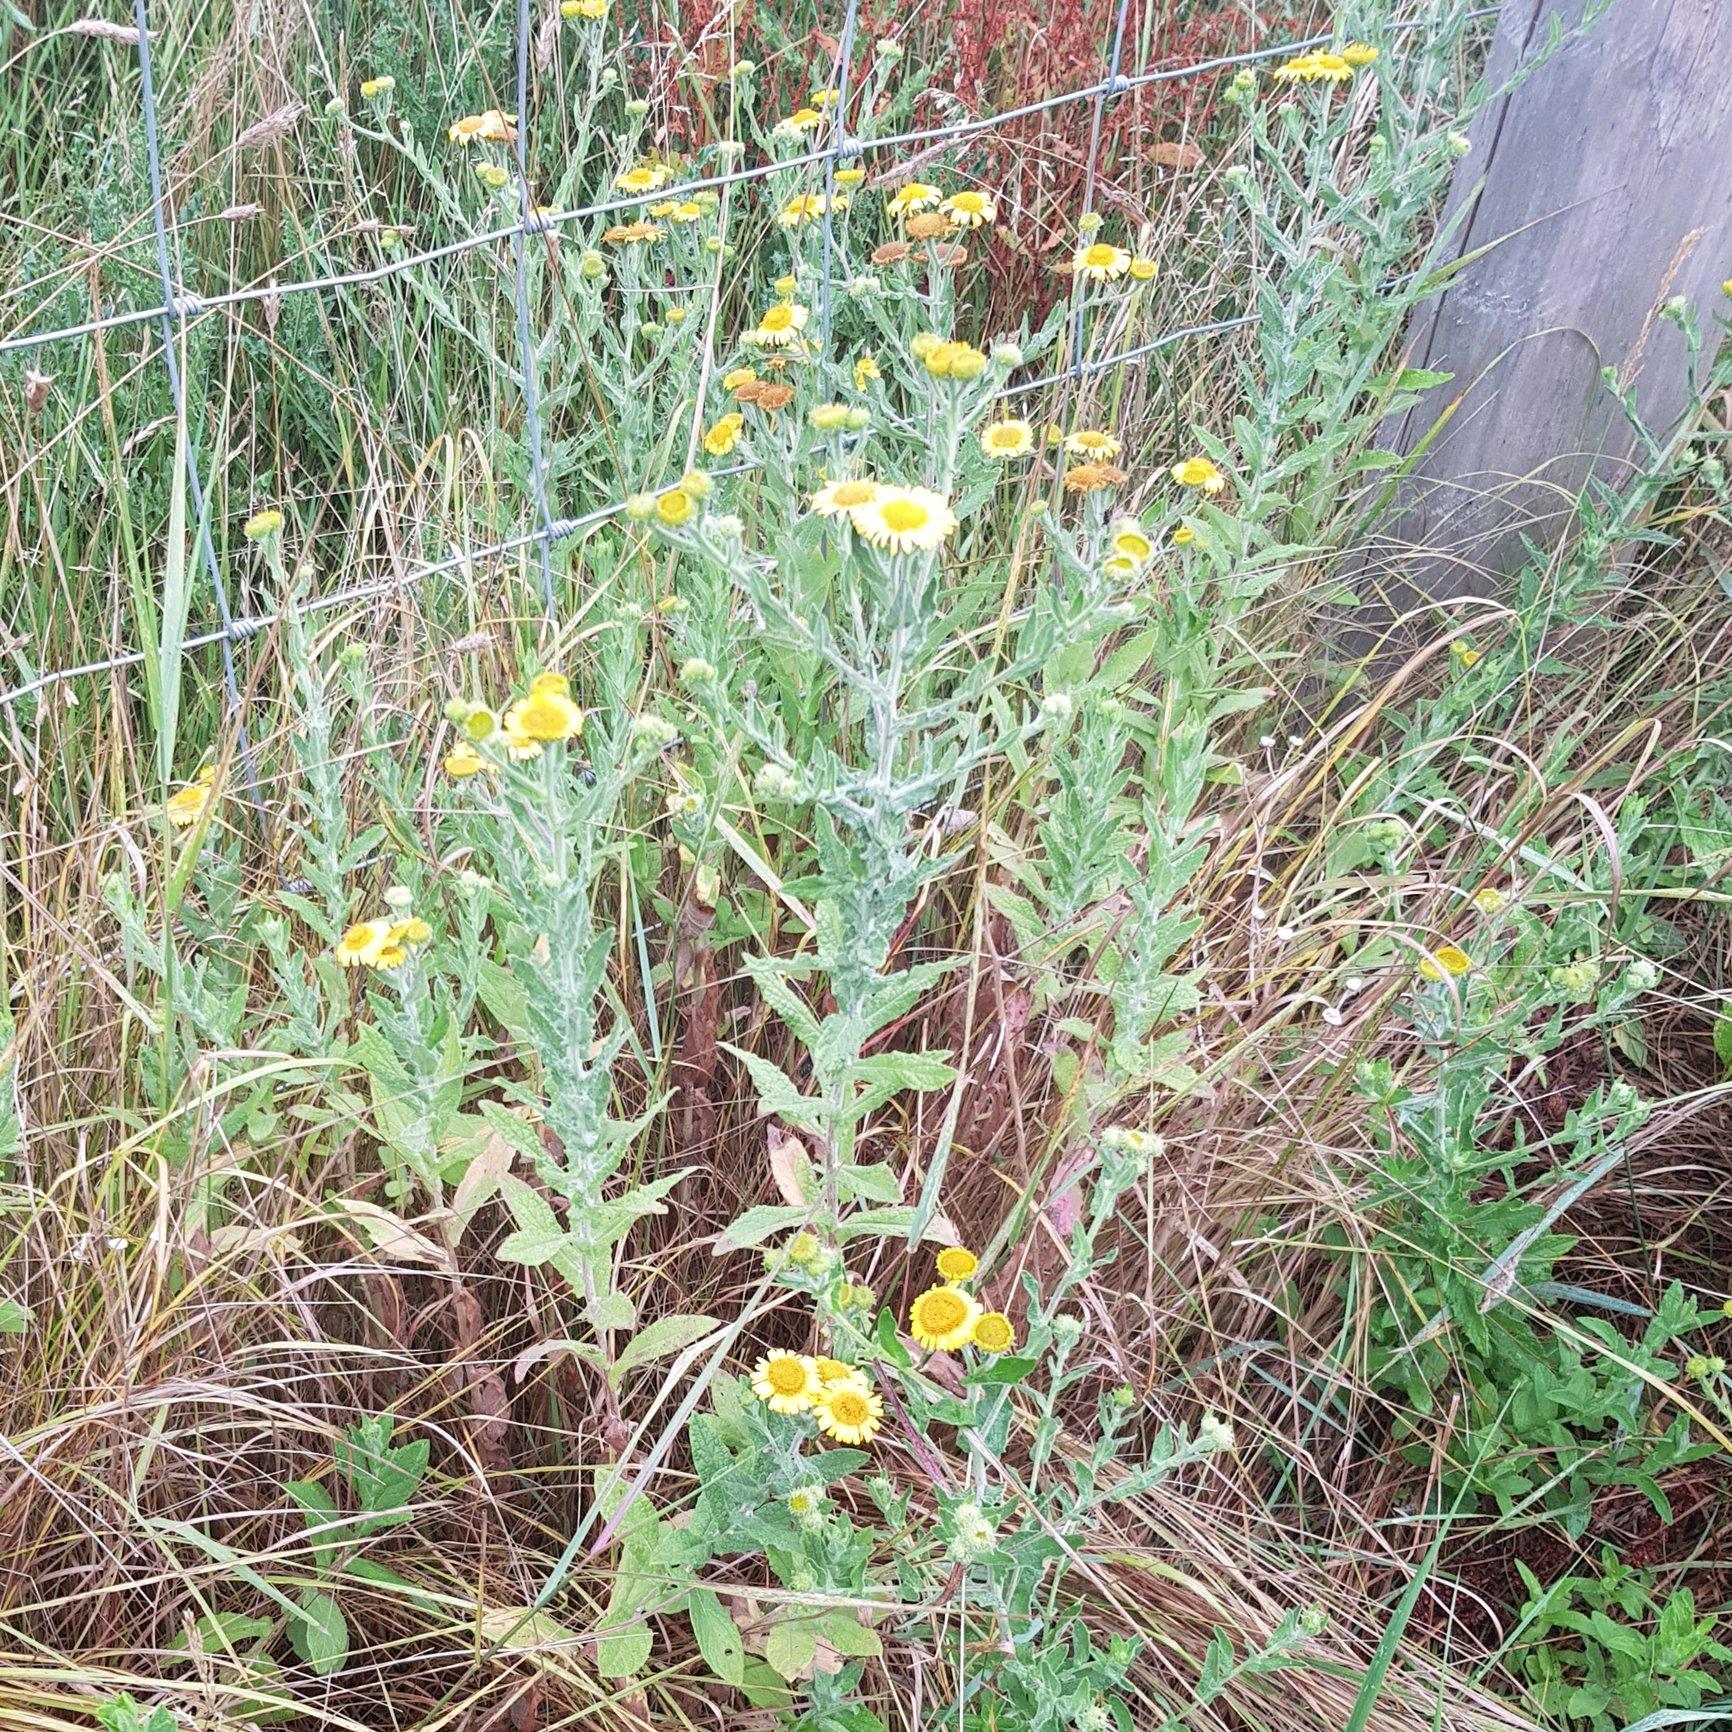 Whats This Weed Yellow Flowers Forum Gardenersworld